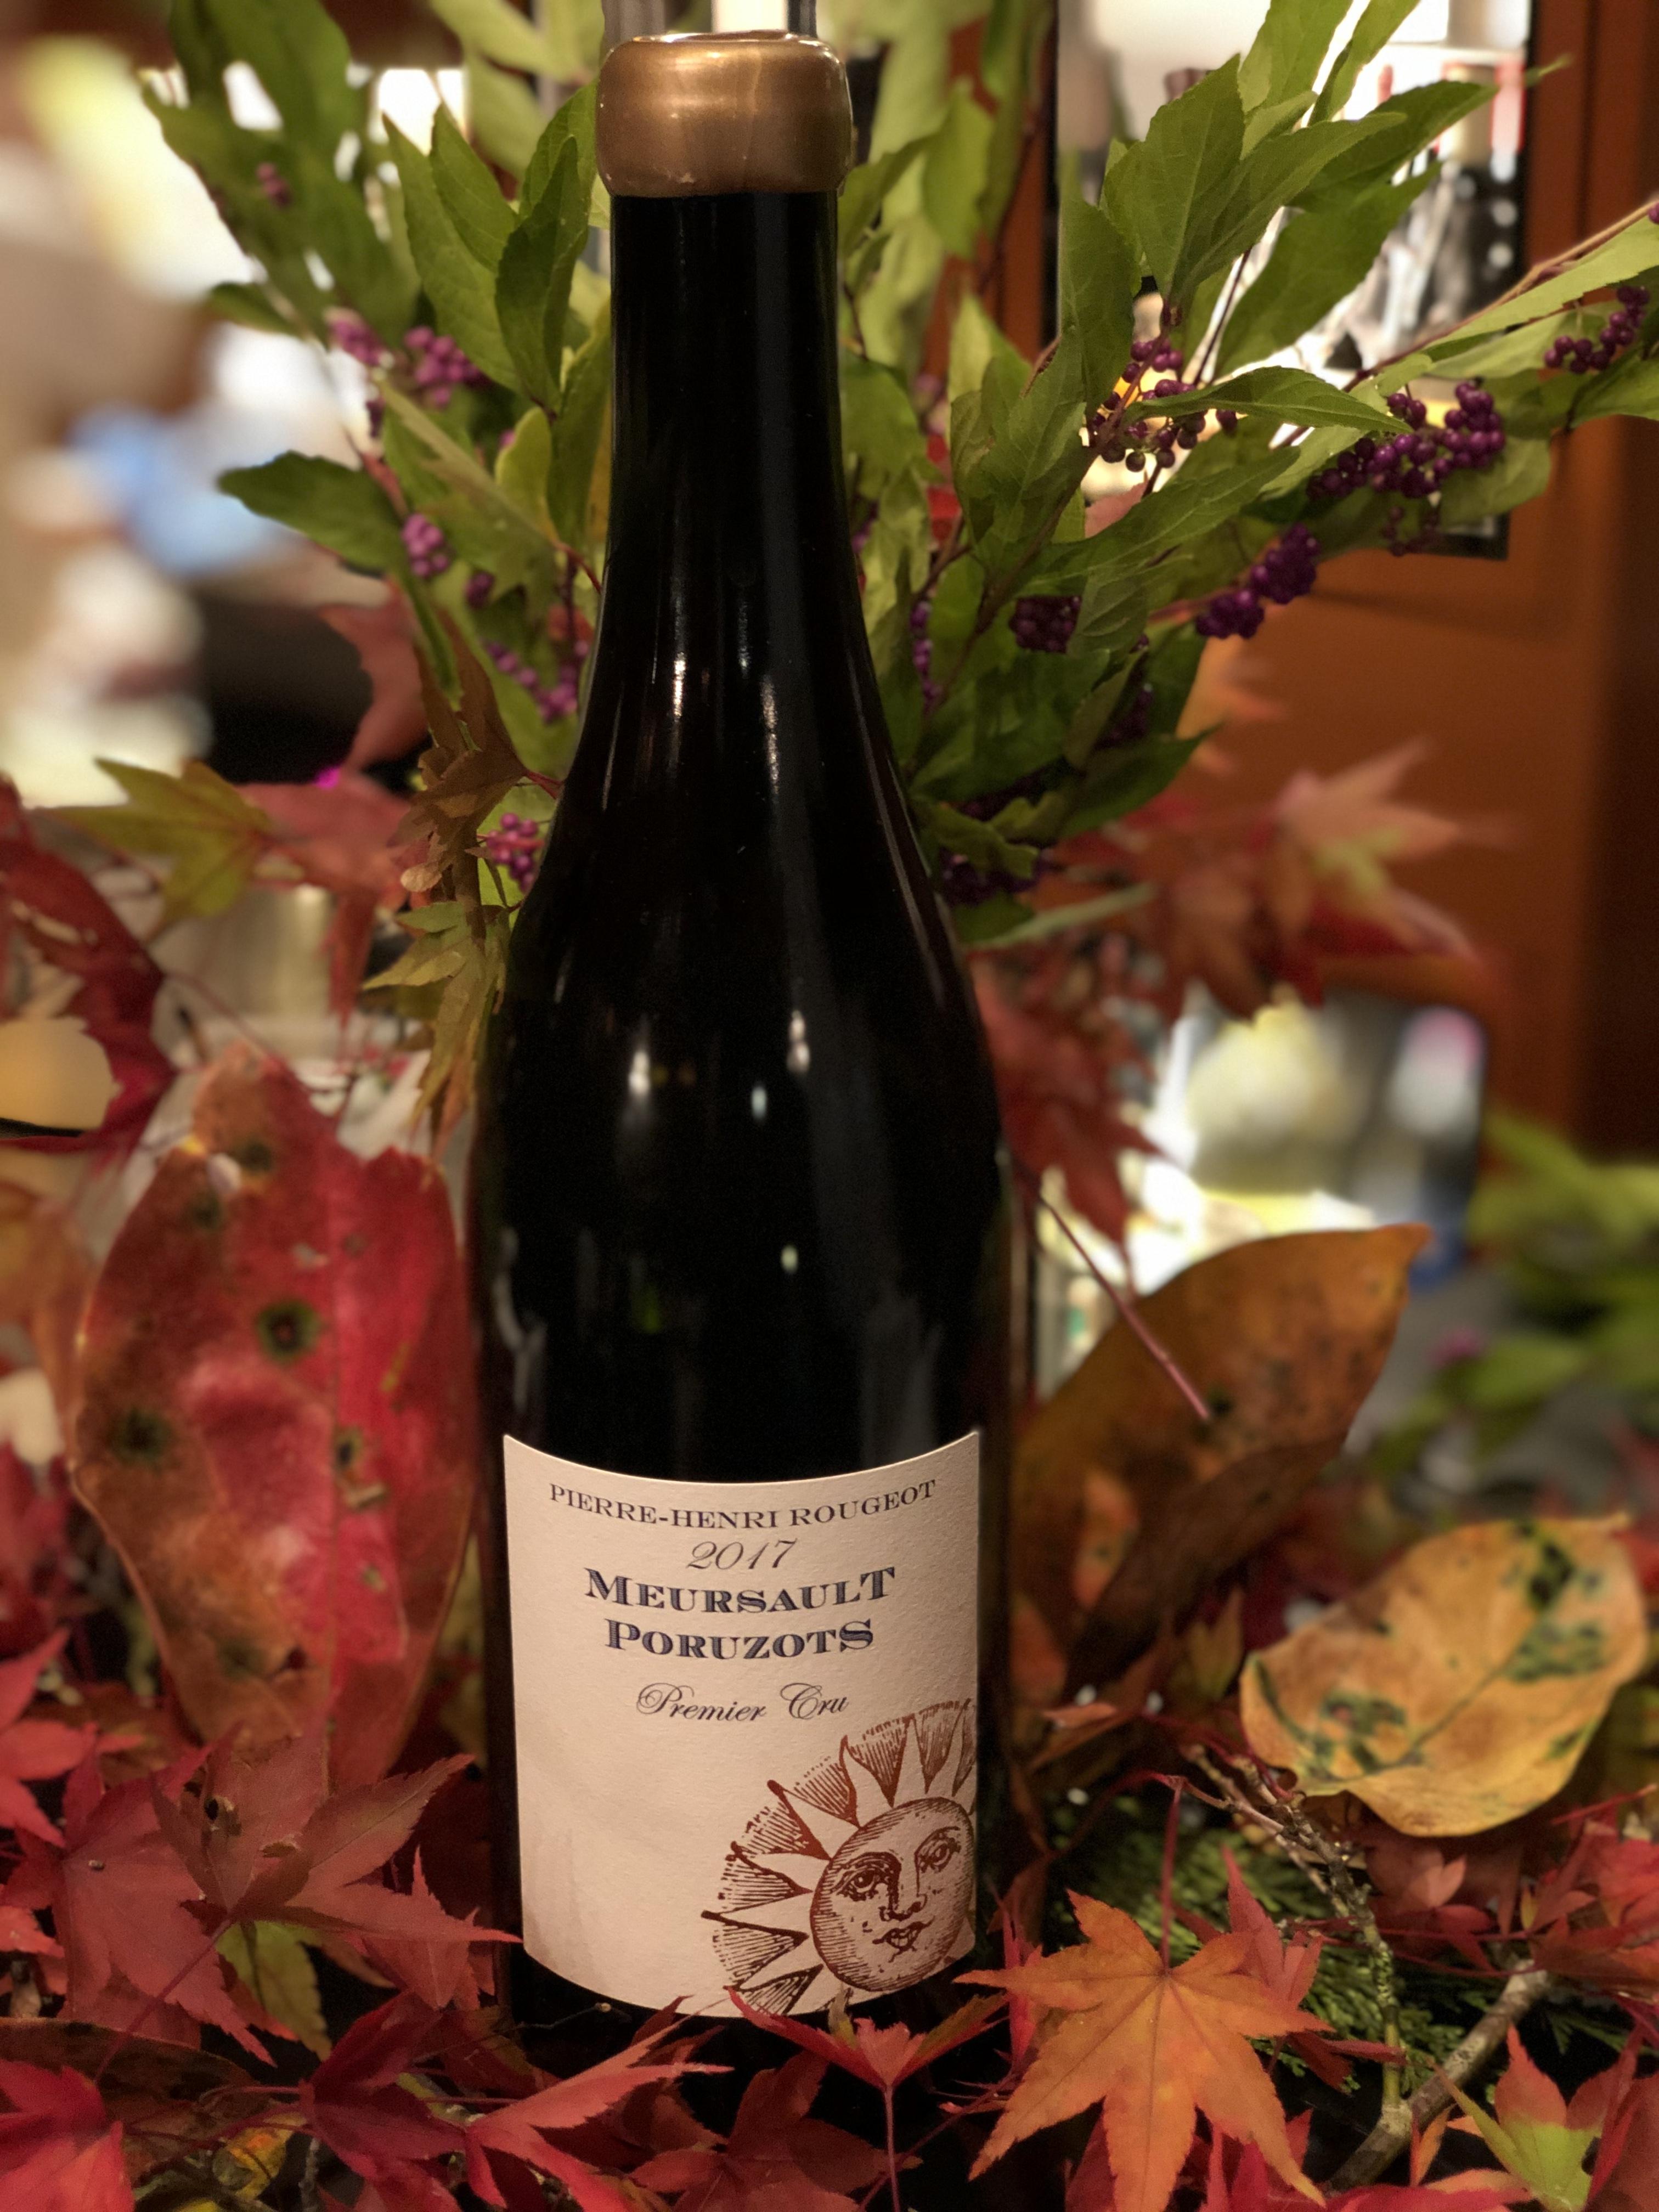 2017年 ムルソー ポリュゾ プルミエ クリュ Pierre Henri Rougeot 白ワイン